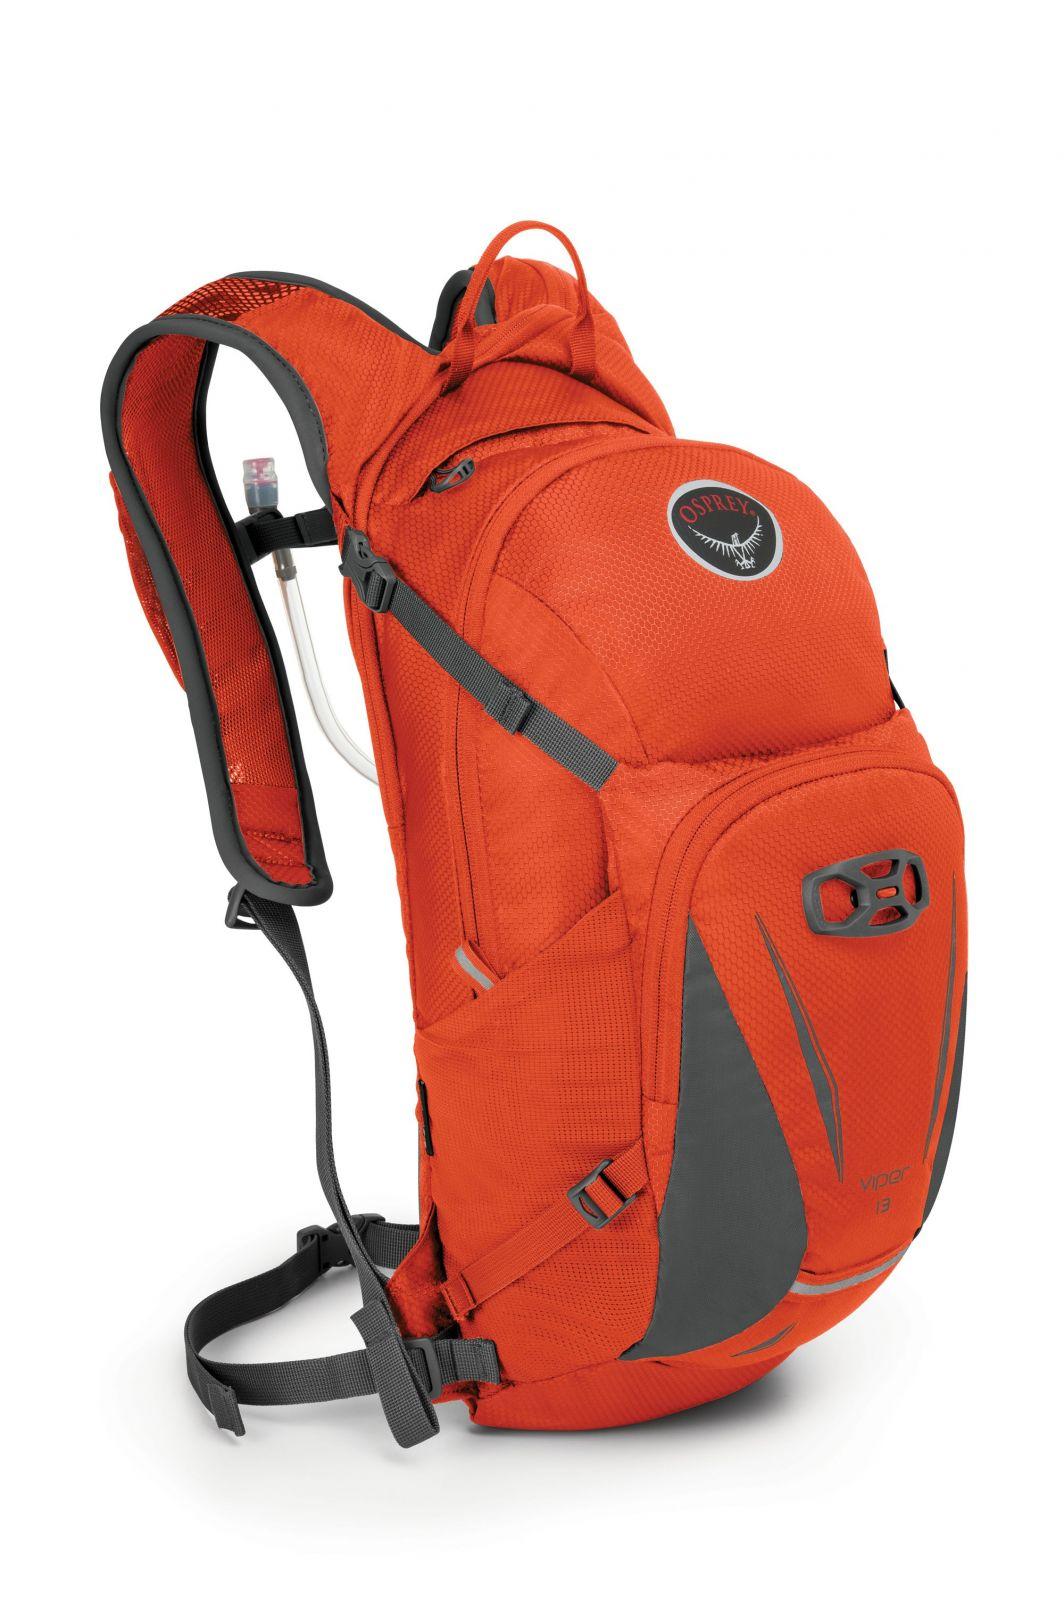 OSPREY Viper 13 Blaze Orange cyklistický batoh s 2,5l vodním rezervoárem